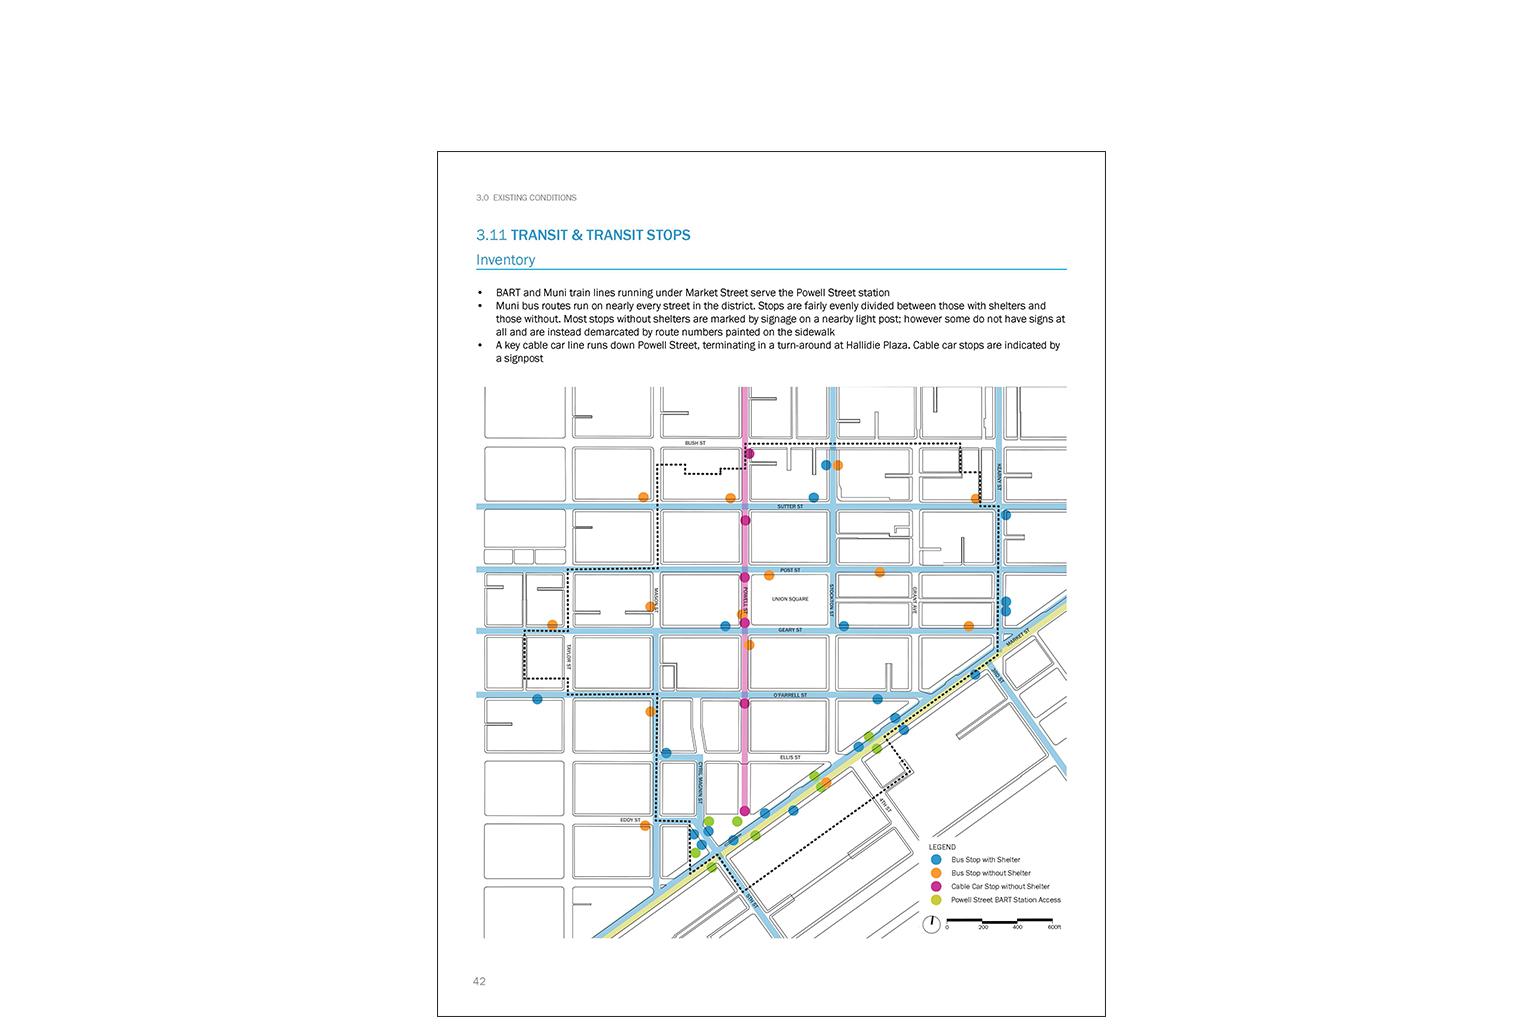 Union Square BID - Public Realm Action Plan